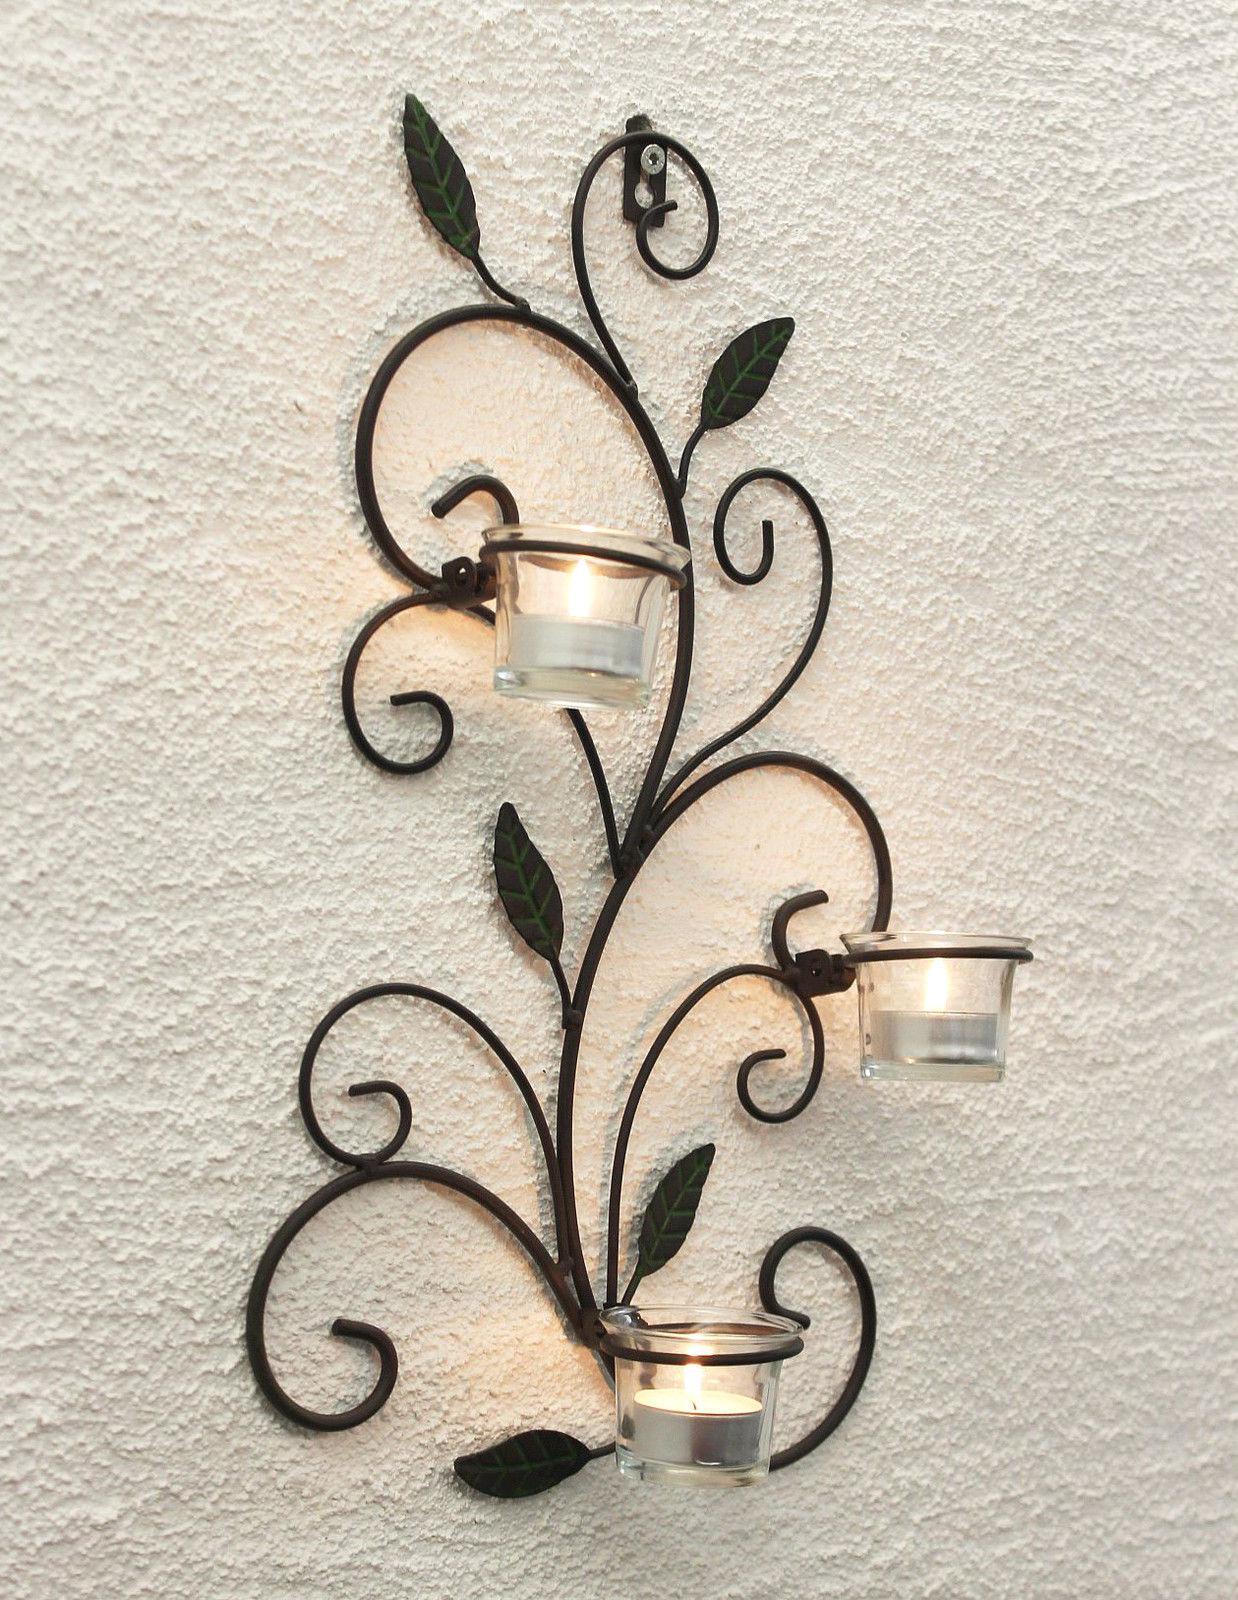 Wandteelichthalter 131001 teelichthalter de metal 75cm wandleuchter Vela